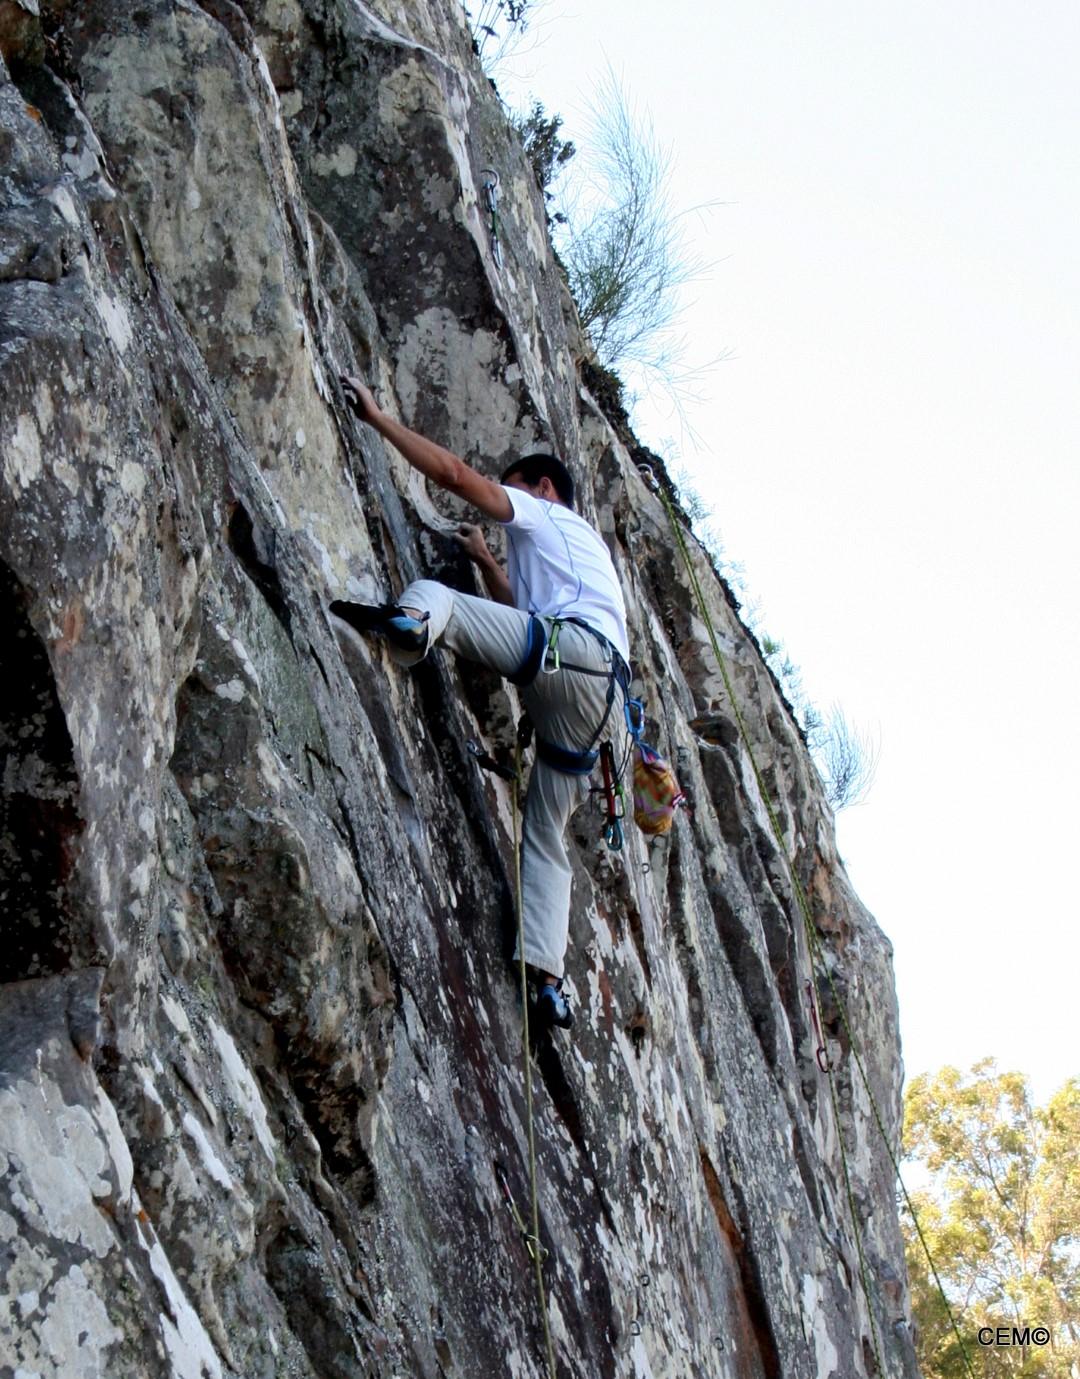 actividad-cem-escalada-deportiva-san-bartolo-tarifa-2016-12